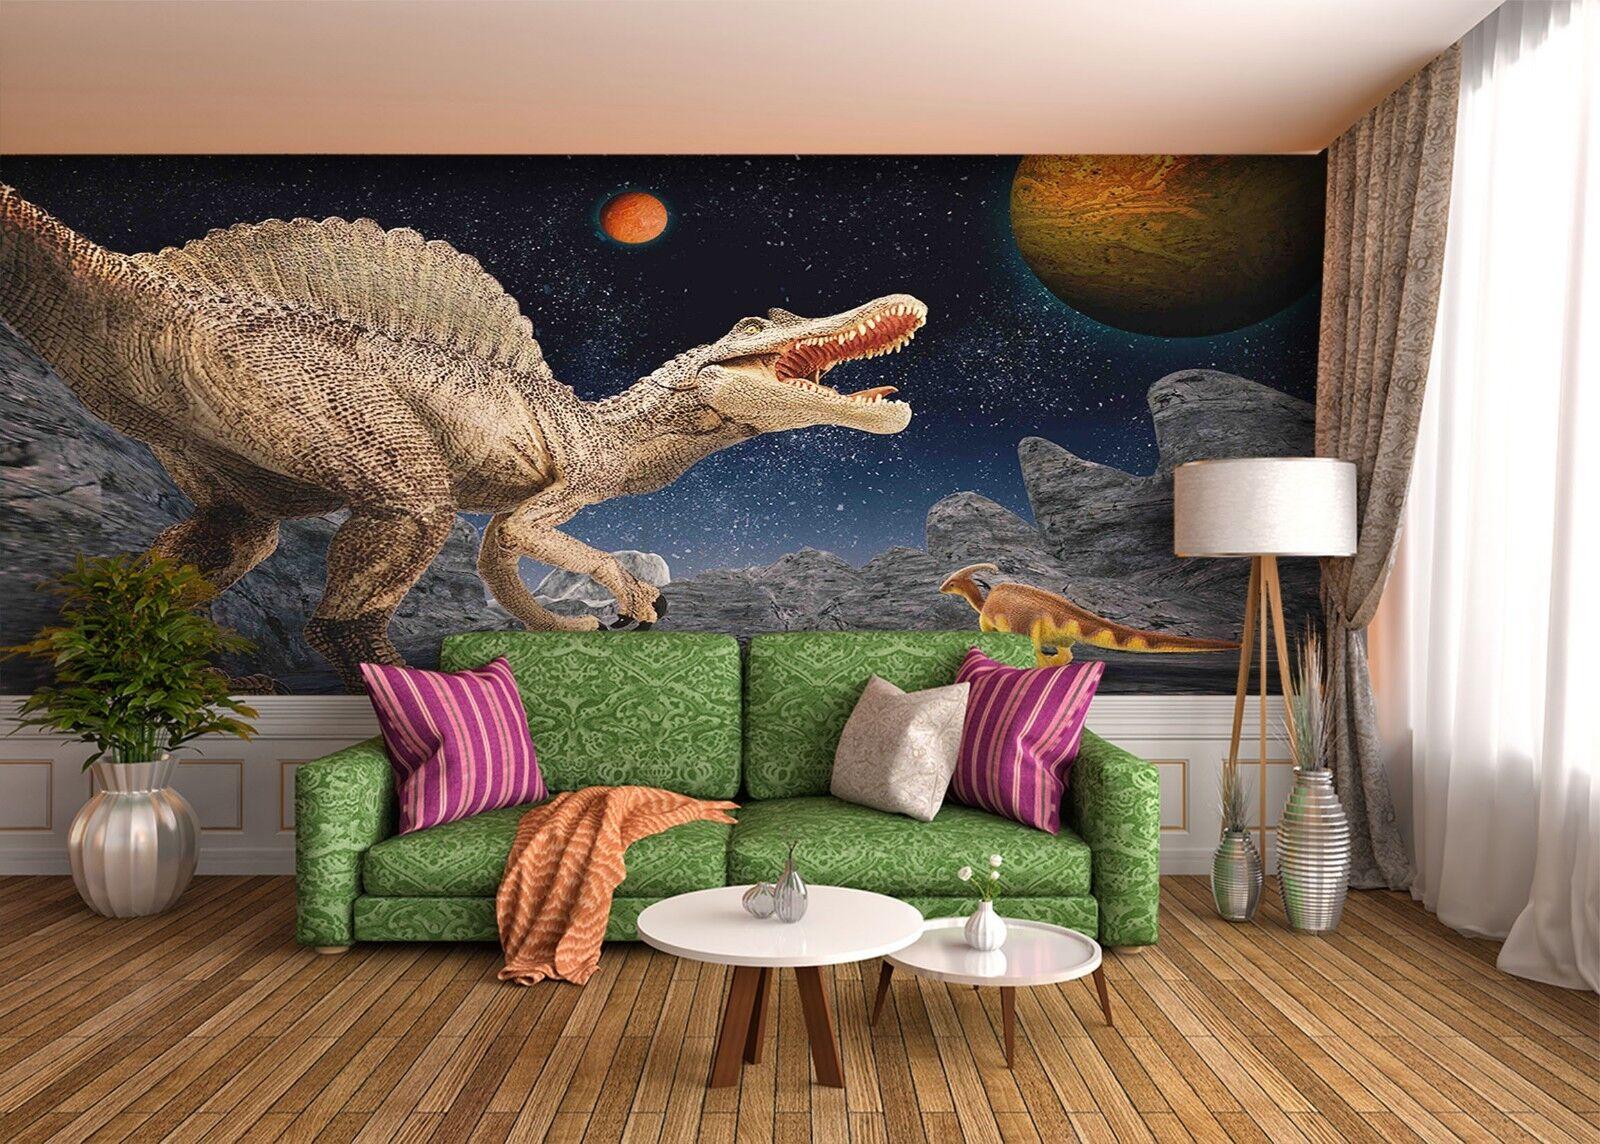 3D Weltraum Planet Dinosaurier 2 Tapete Wandgemälde Tapete Tapeten Familie Kinde